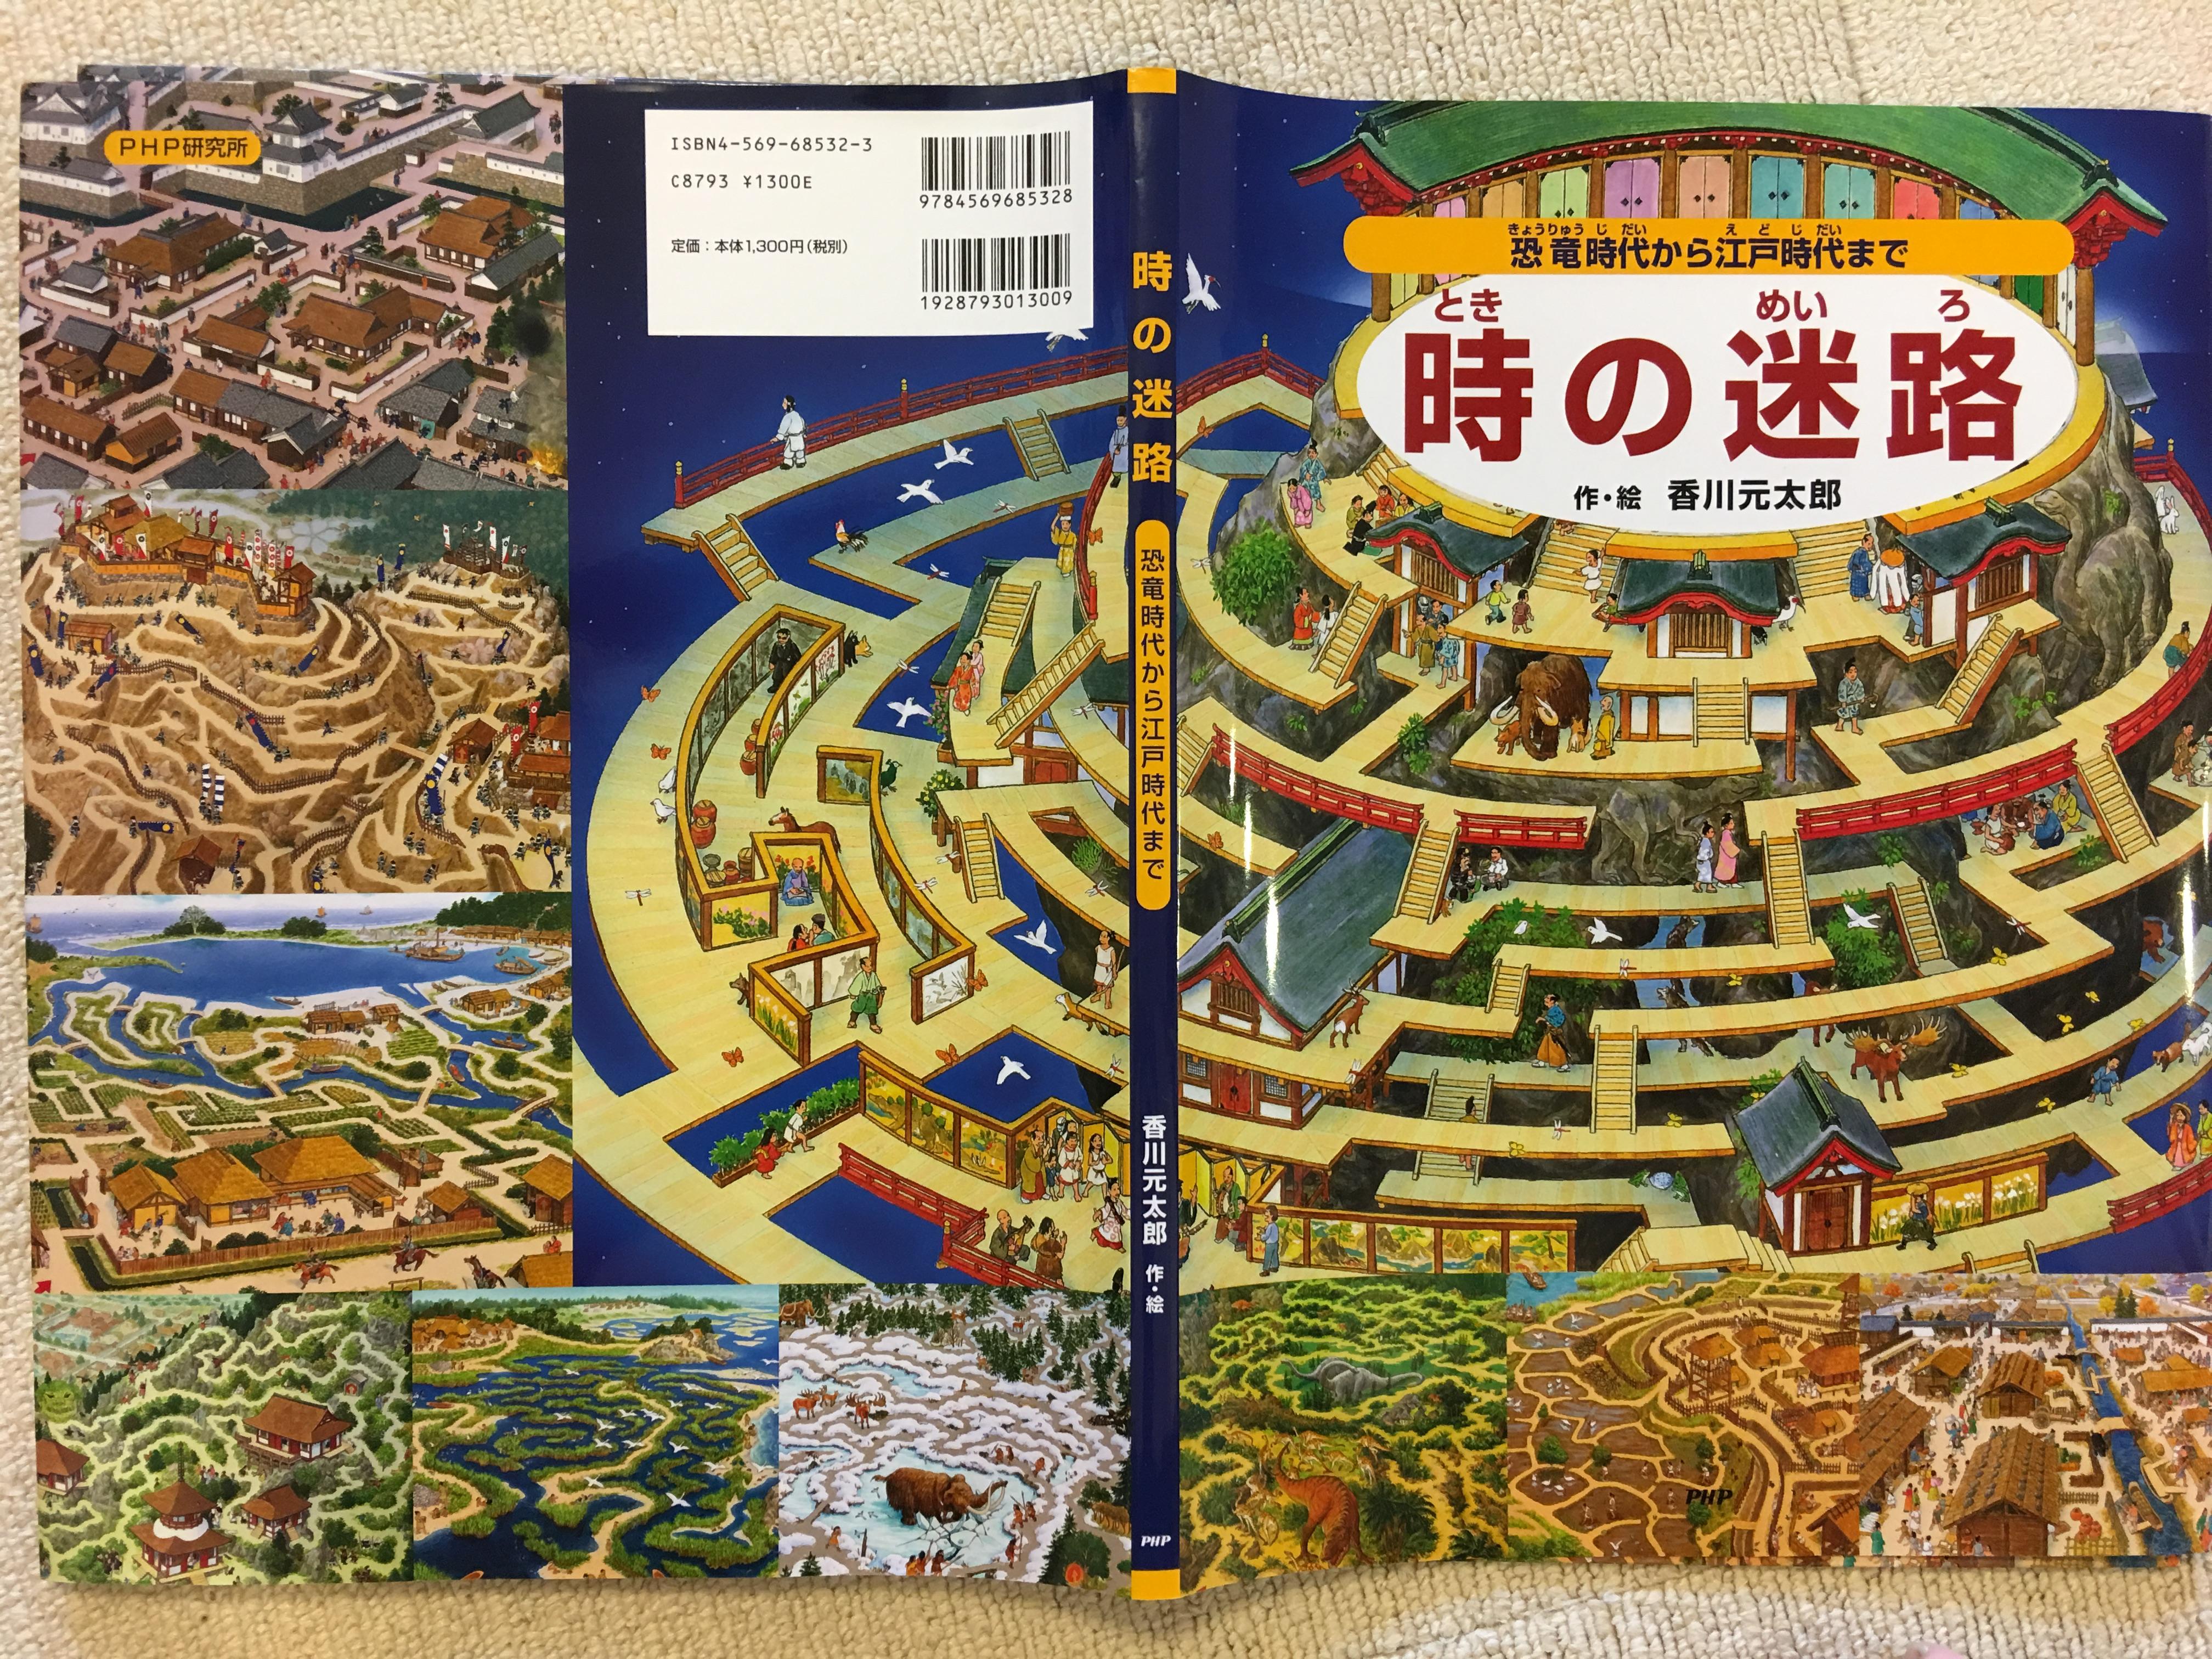 『時の迷路 恐竜時代から江戸時代まで』表紙カバー